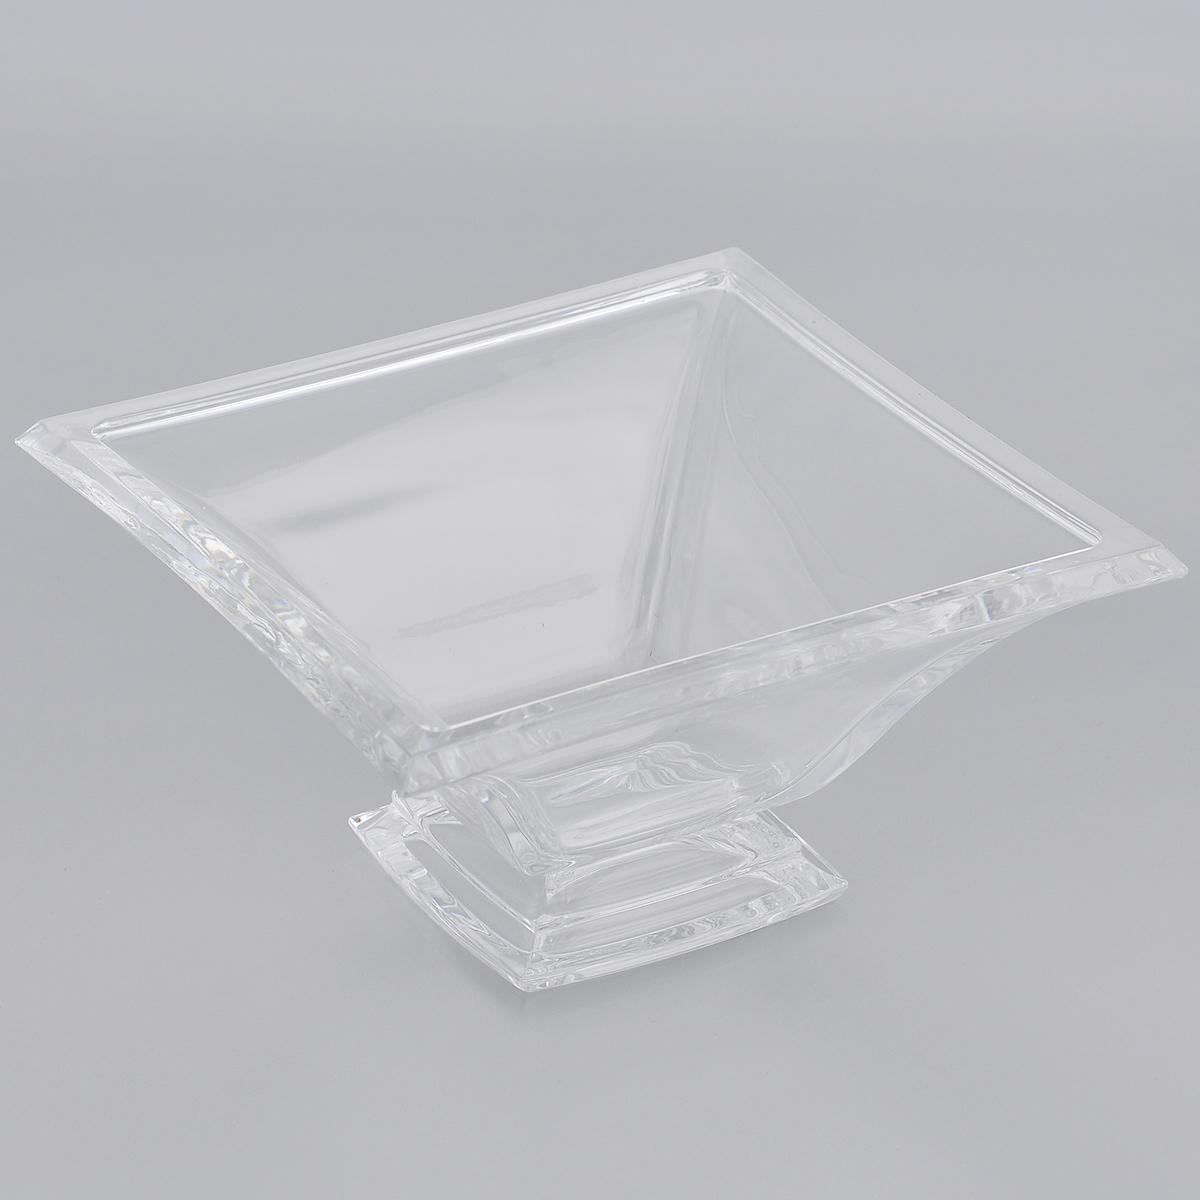 Салатник Crystal Bohemia, 15,5 см х 15,5 см х 8 см990/65821/0/44600/160-109Салатник Crystal Bohemia выполнен из прочного высококачественного хрусталя квадратной формы. Он излучает приятный блеск и издает мелодичный звон. Салатник сочетает в себе изысканный дизайн с максимальной функциональностью. Он прекрасно впишется в интерьер вашей кухни и станет достойным дополнением к кухонному инвентарю. Салатник не только украсит ваш кухонный стол и подчеркнет прекрасный вкус хозяйки, но и станет отличным подарком.